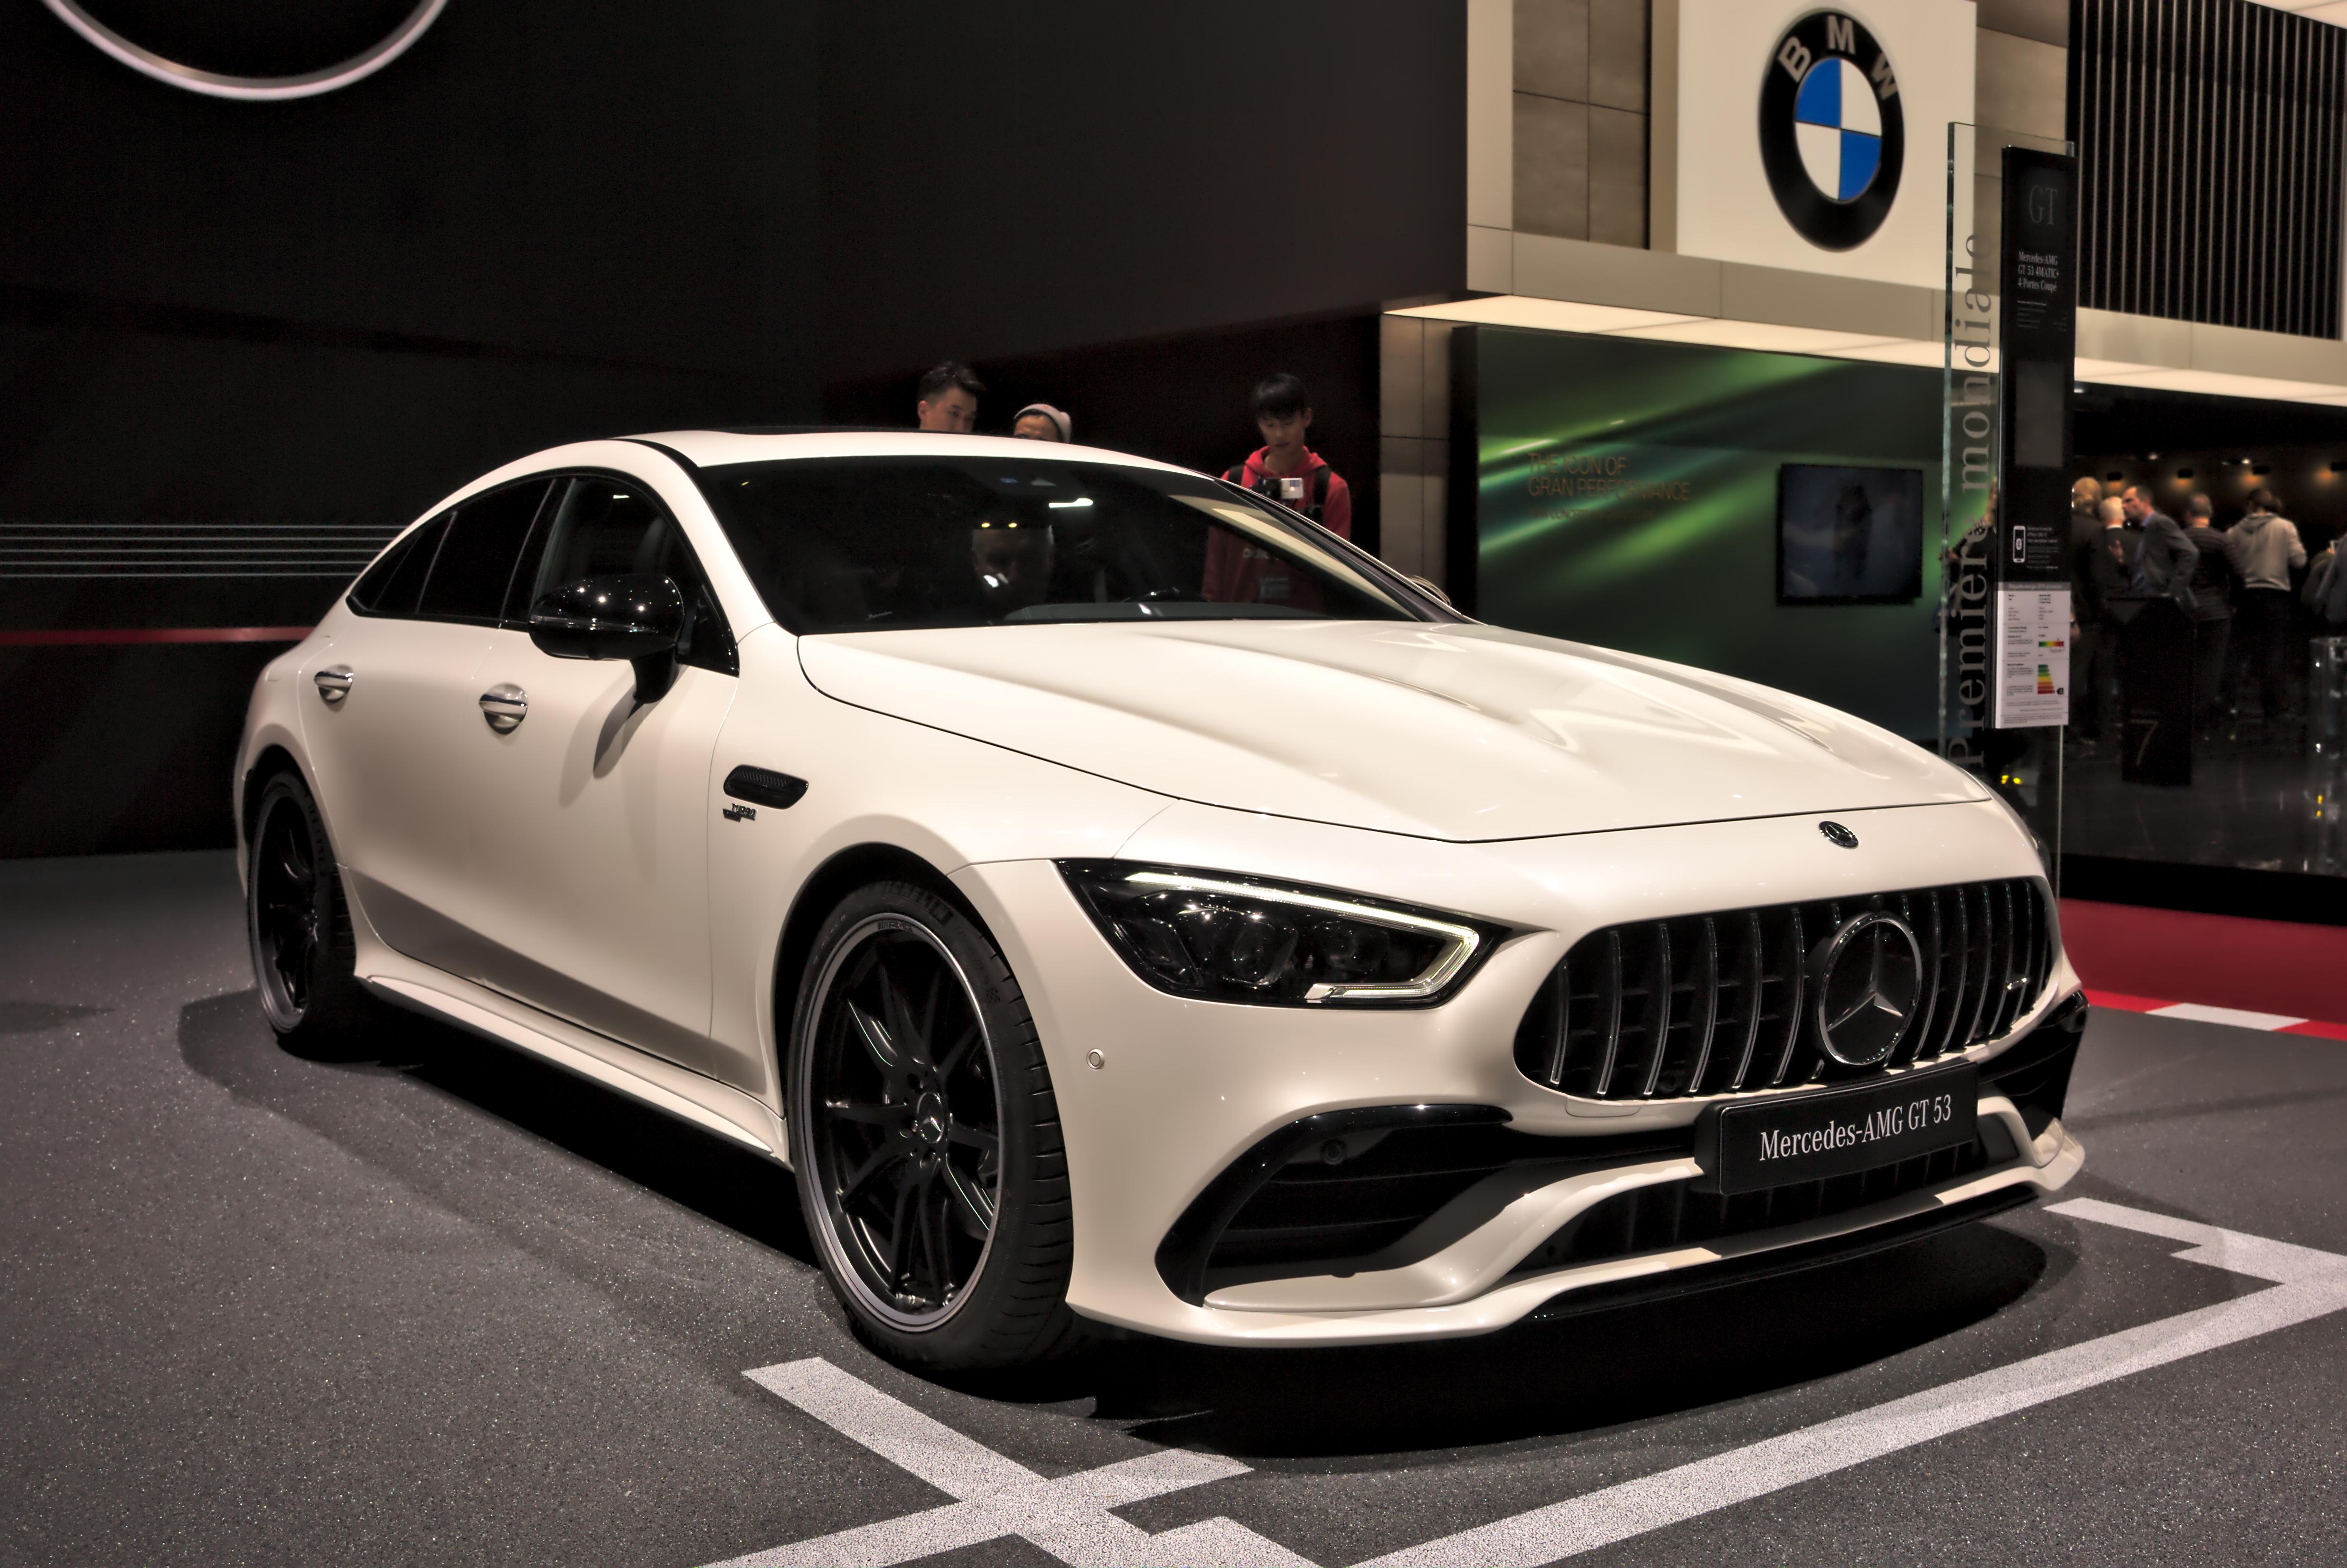 Mercedes AMG GT 53 Genf 2018